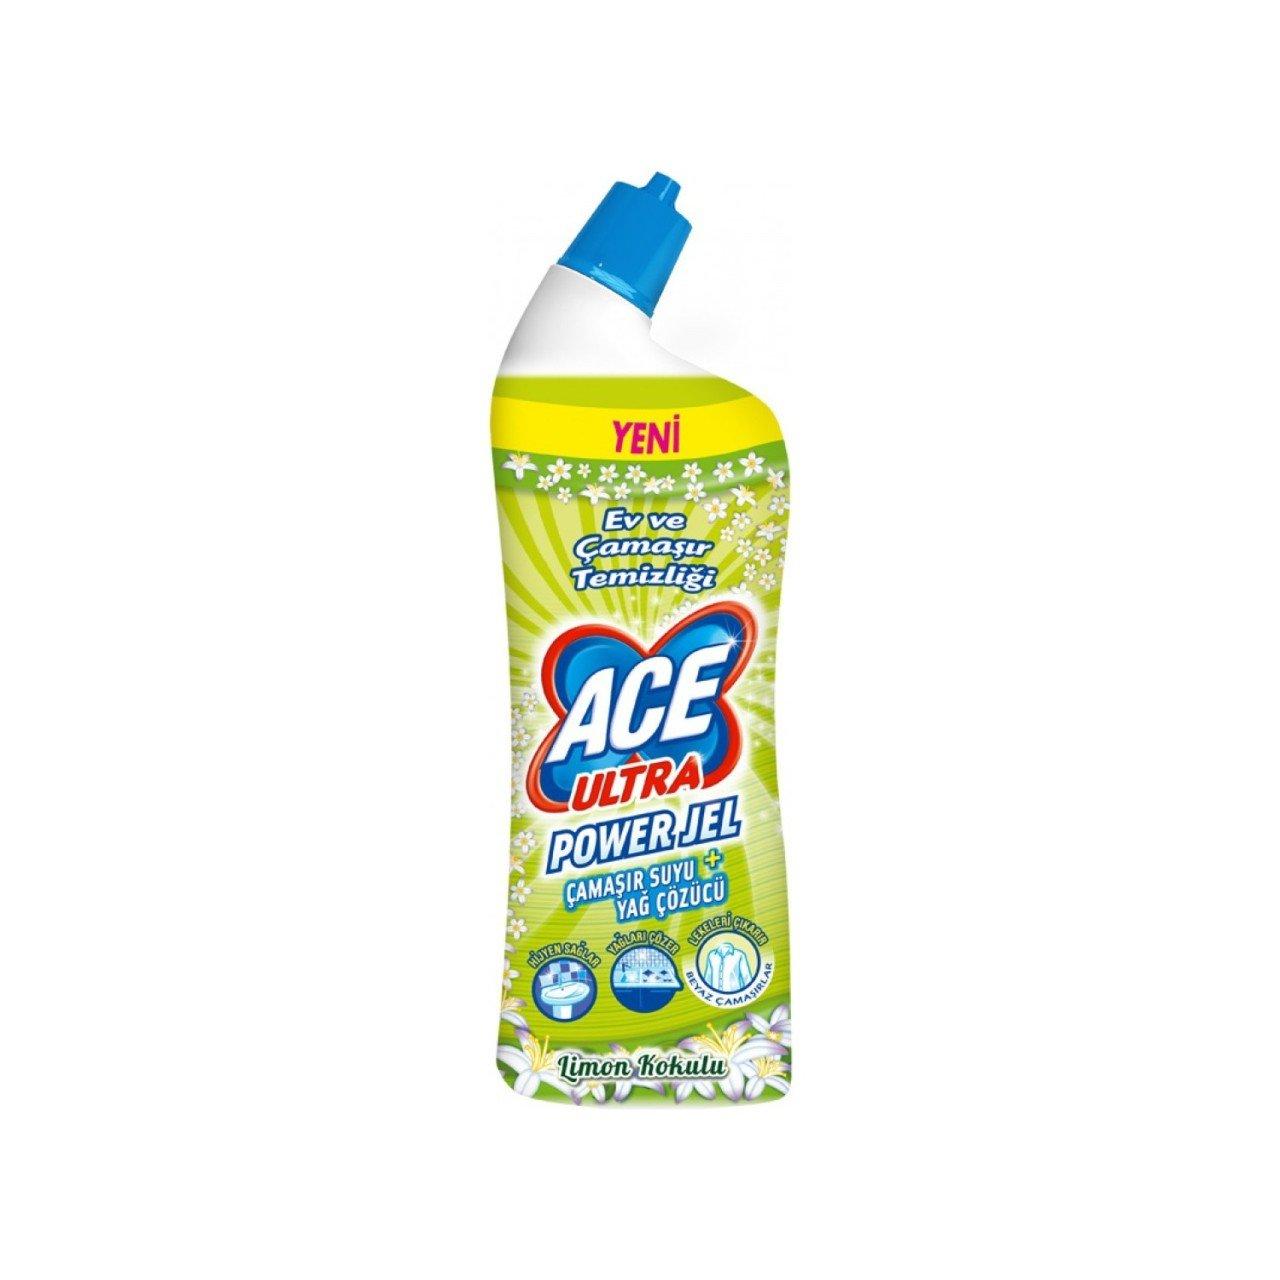 Ace Ultra Power Jel Çamaşır Suyu + Yağ Sökücü Limon Kokulu